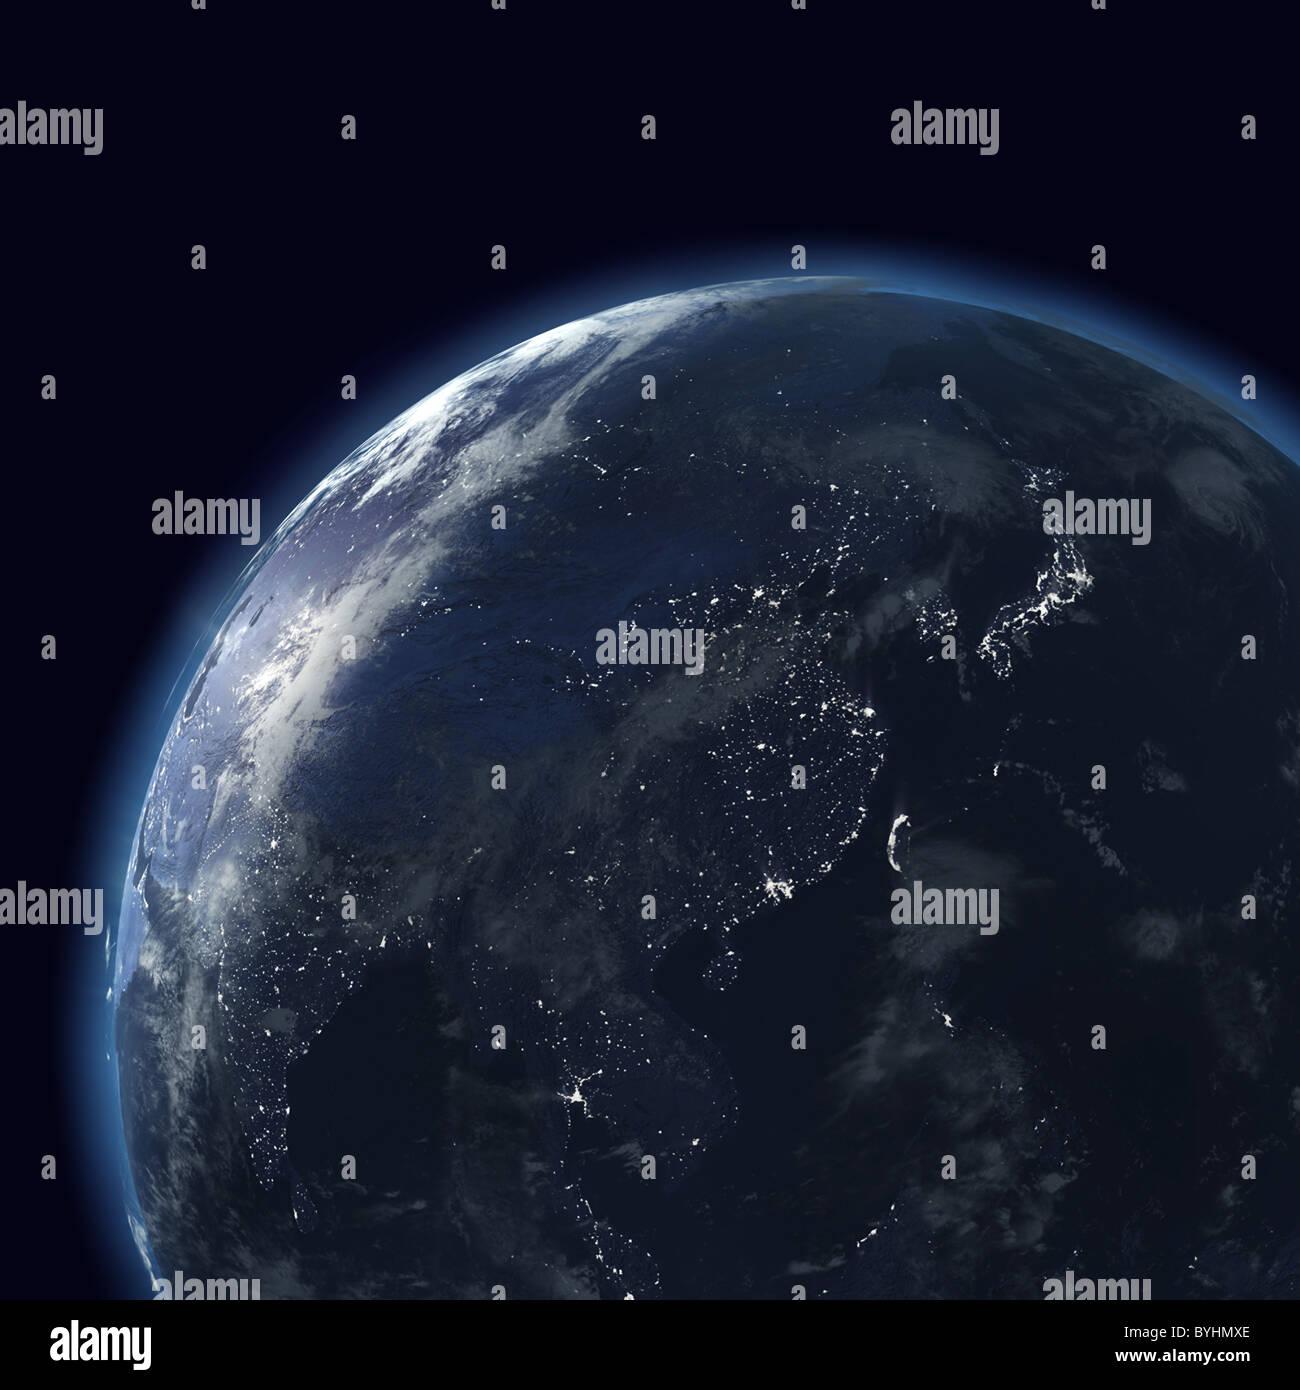 Nuit avec les lumières de la ville, la carte détaillée de l'Est de l'Asie, Japon, Chine, Photo Stock